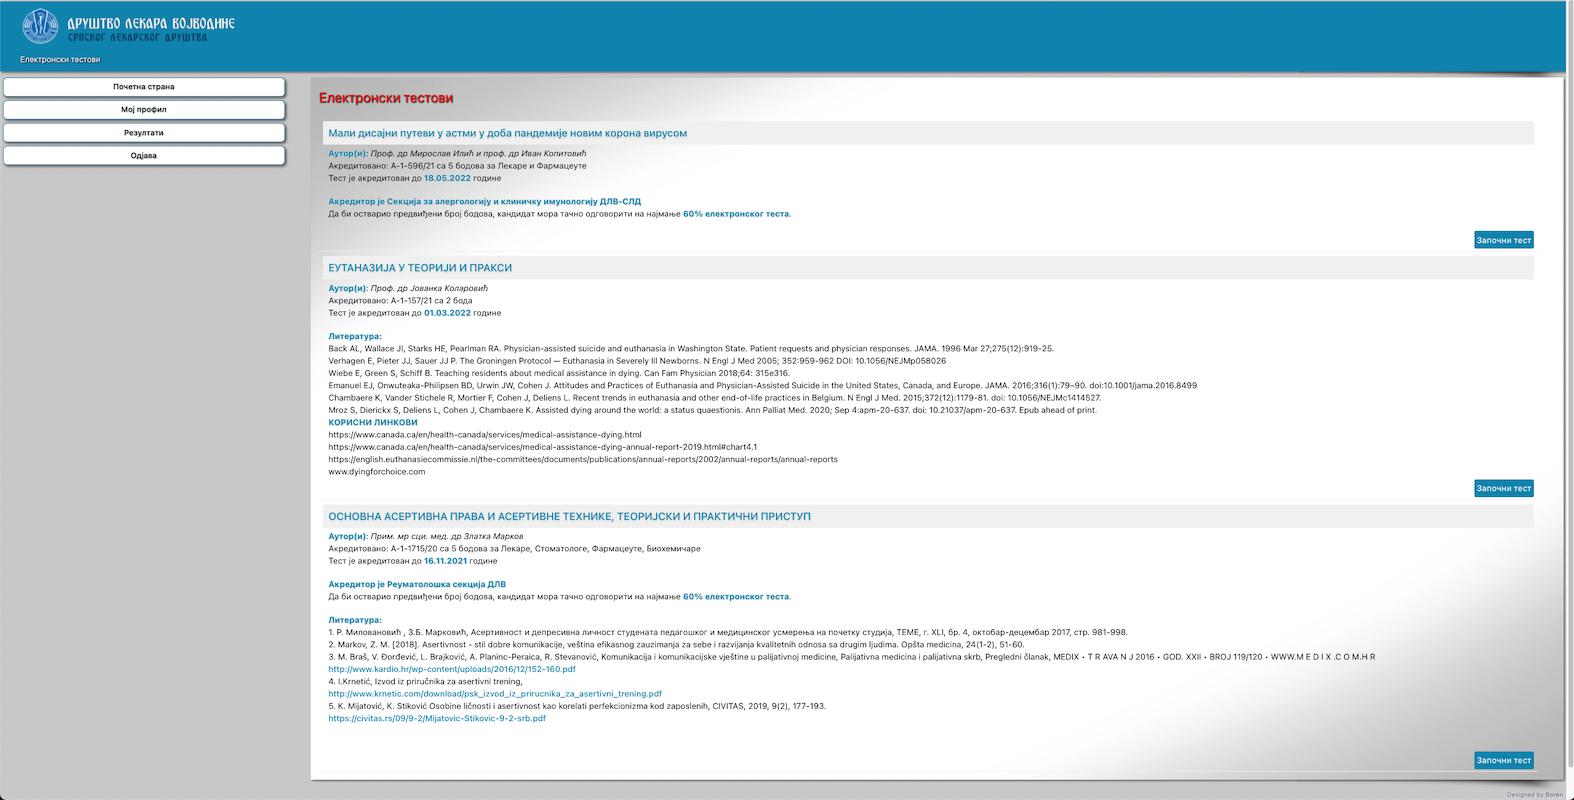 Screenshot-2021-09-03-at-12.21.13-2